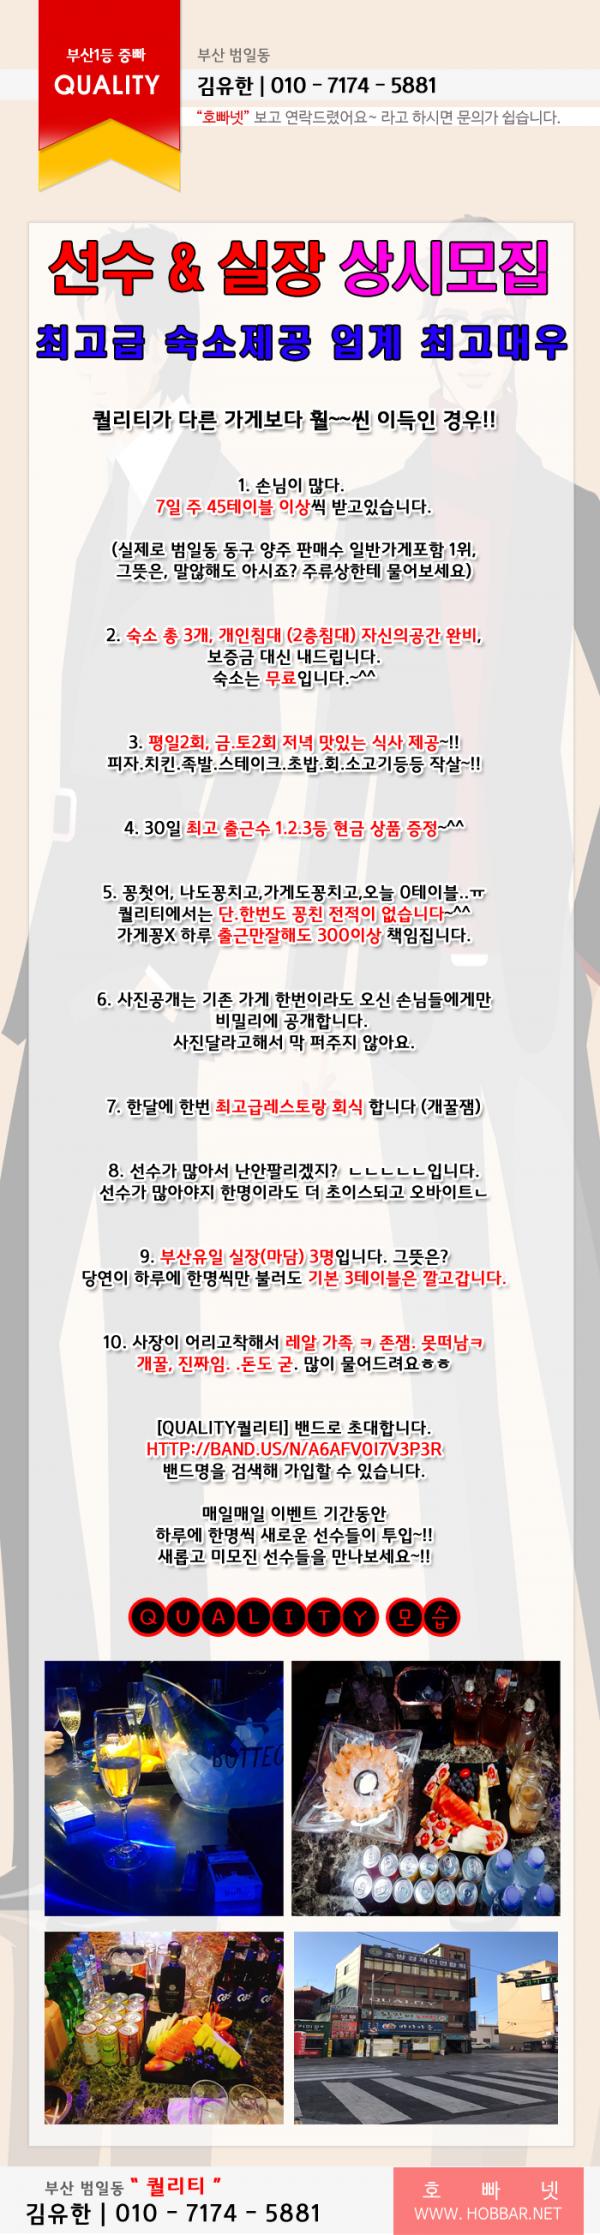 부산 중빠 퀄리티 김유한.png